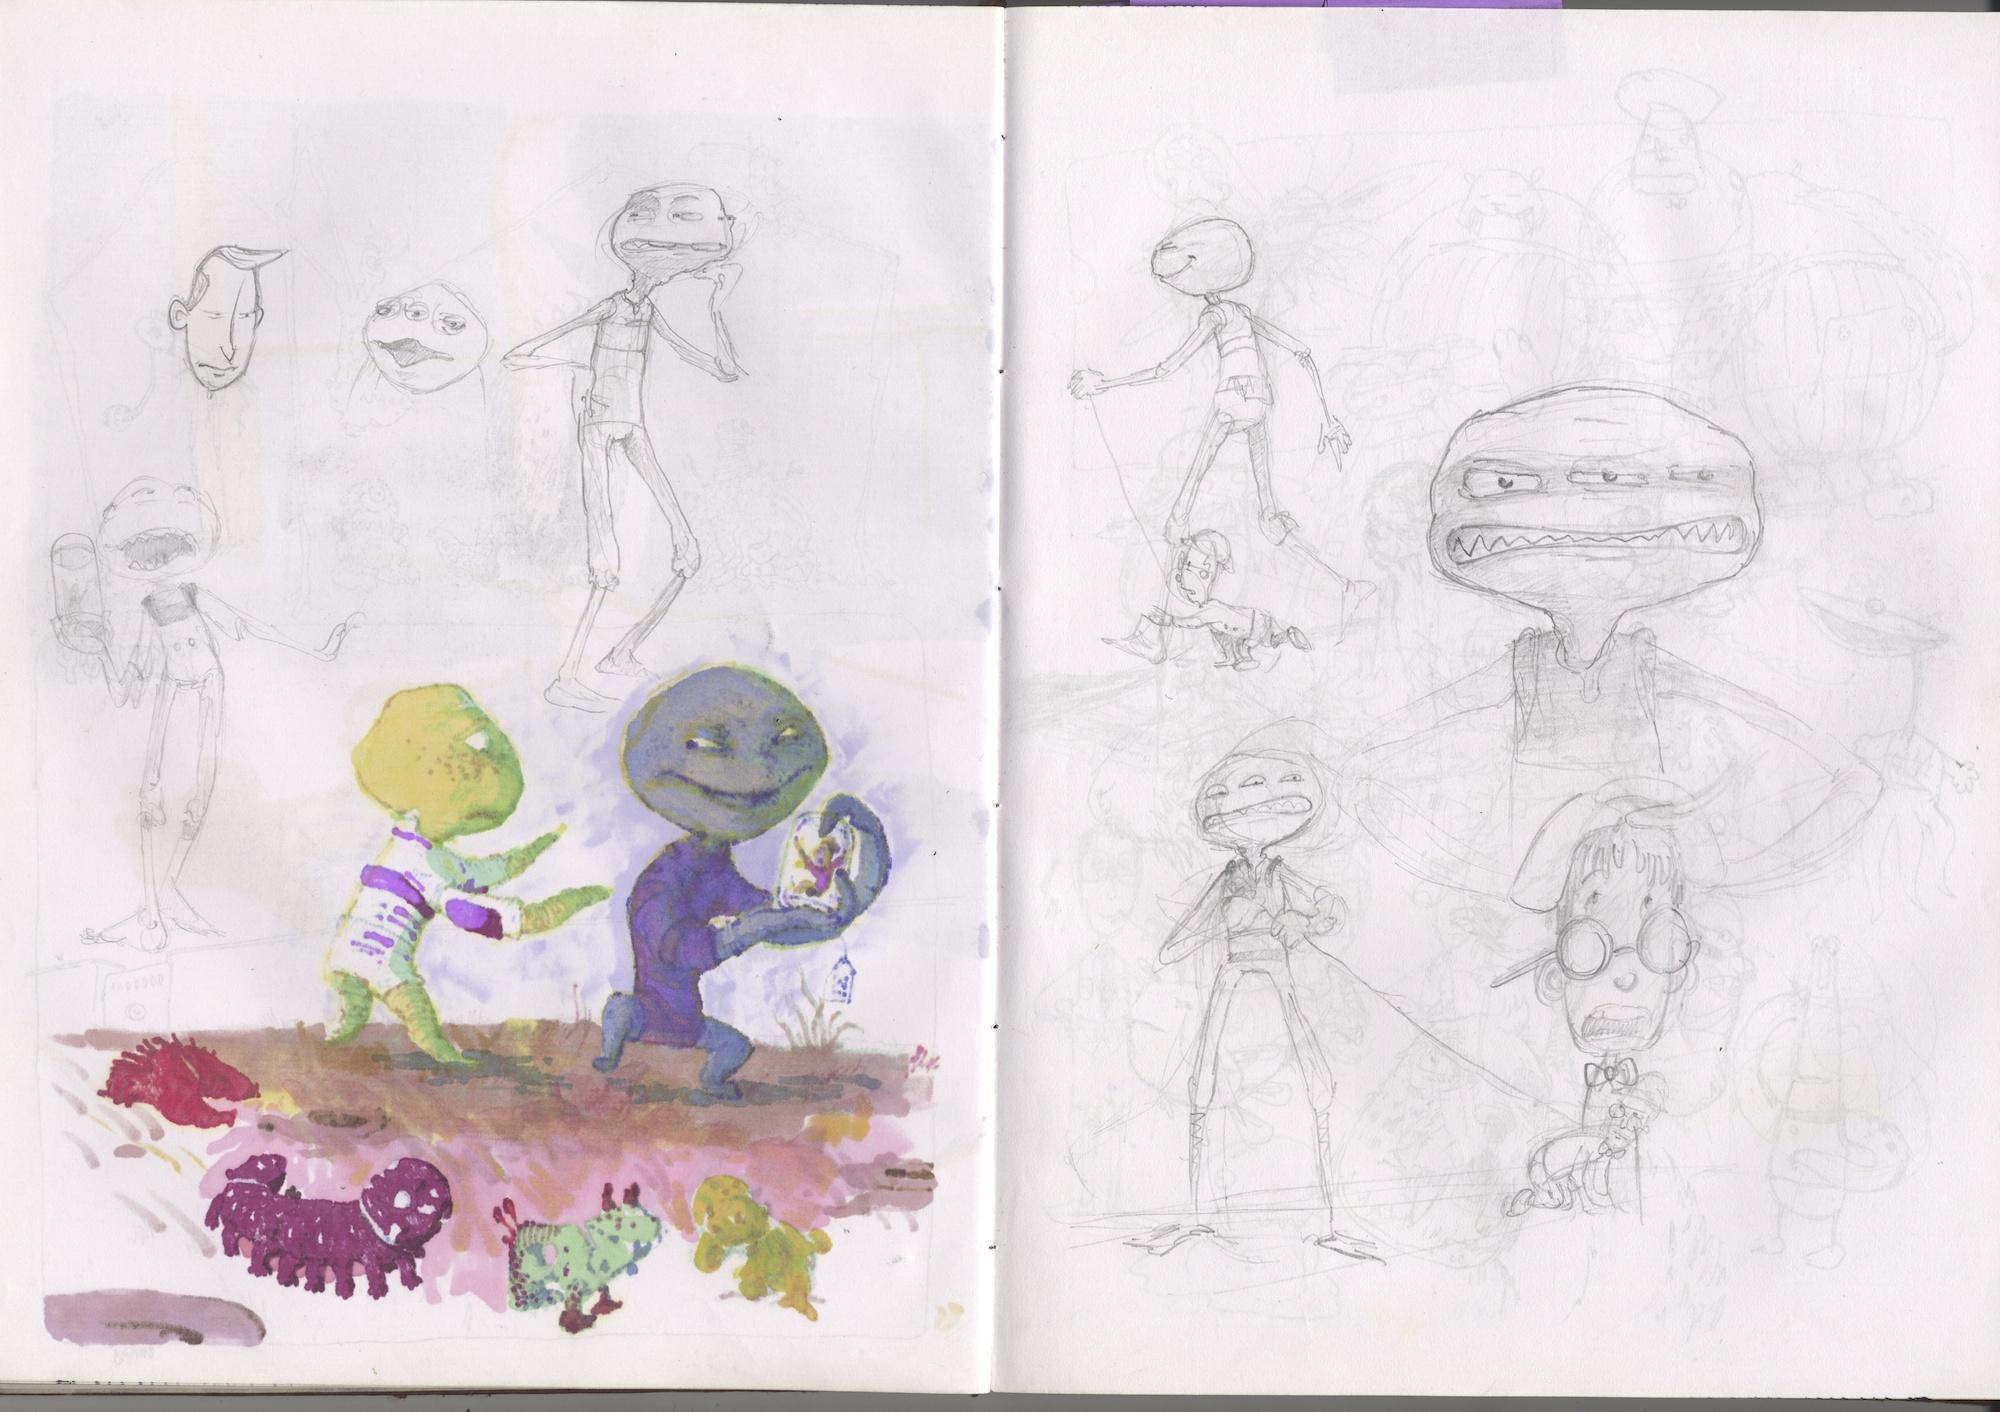 random aliens